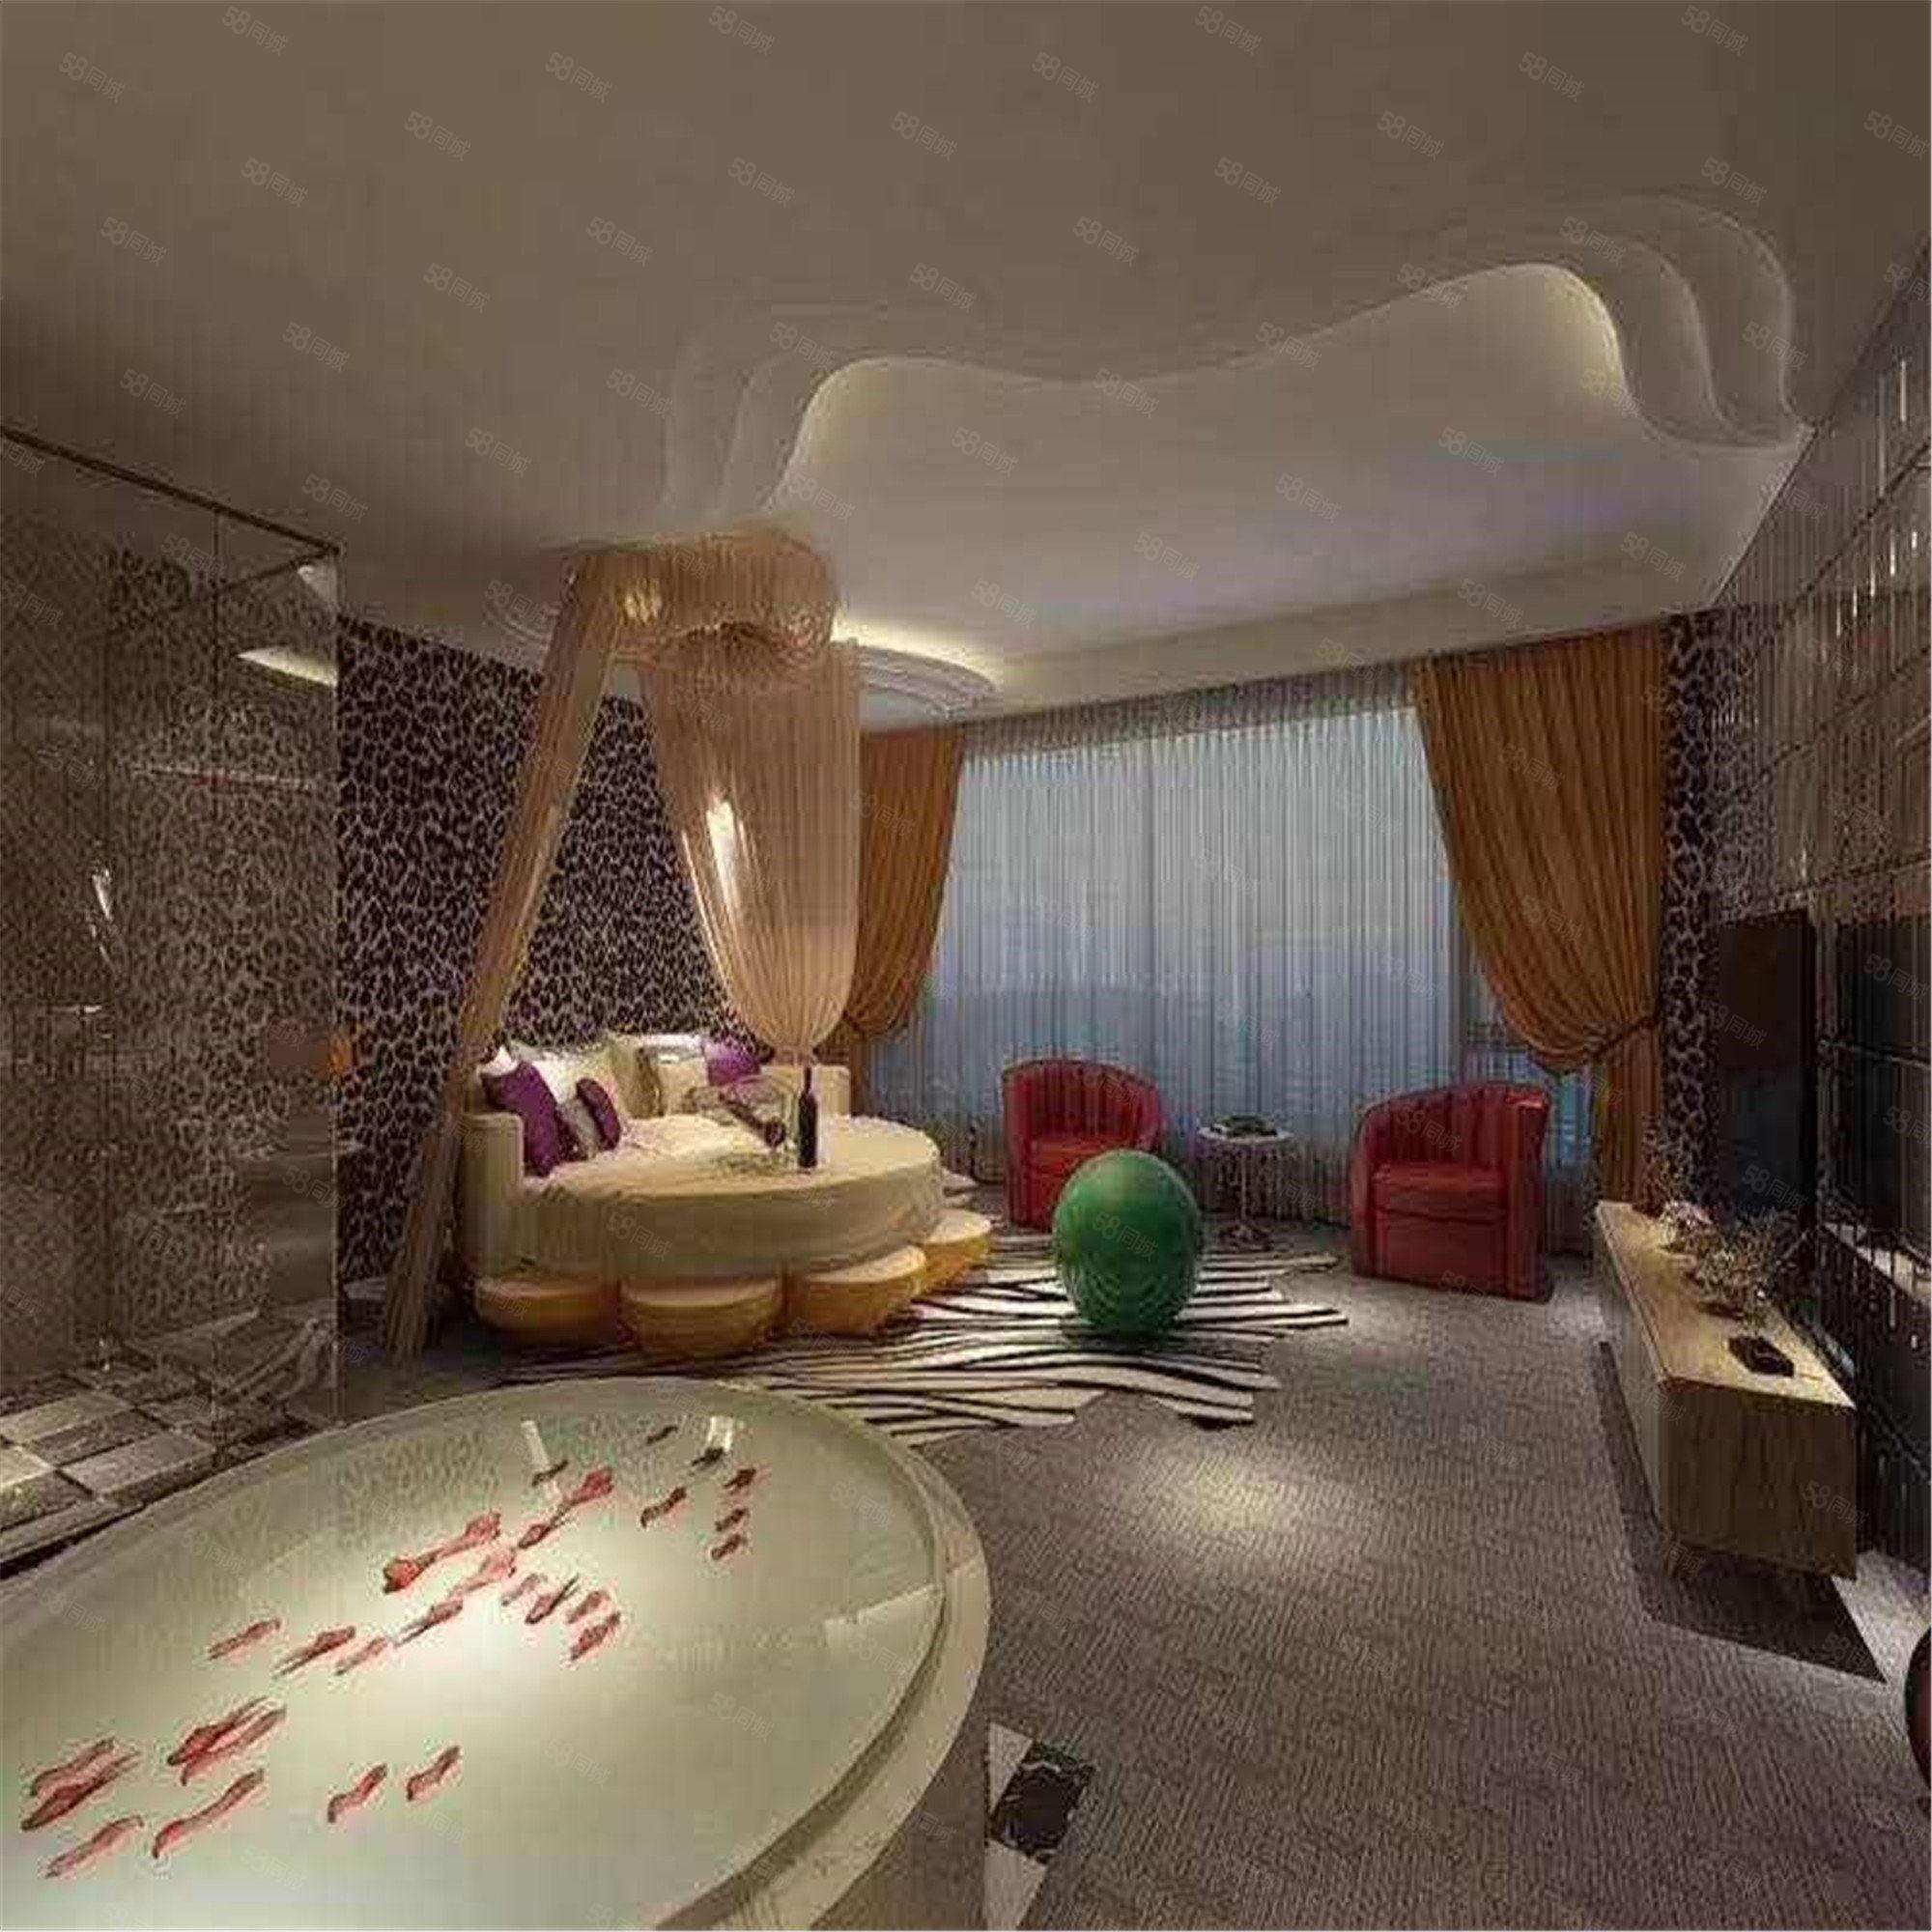 都市经典豪华公寓一手现房酒店式托管首付10万带精装